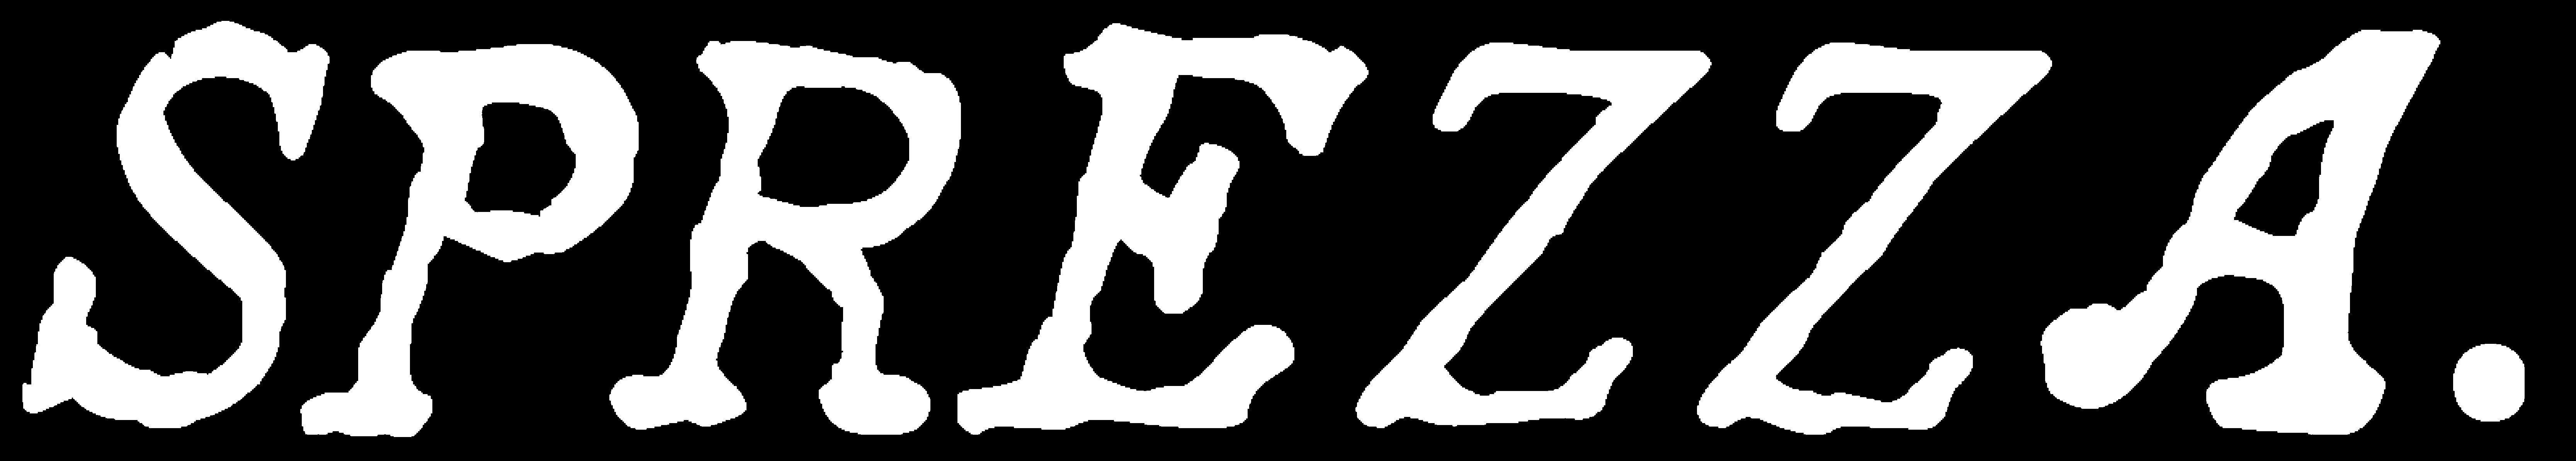 Sprezza Logo